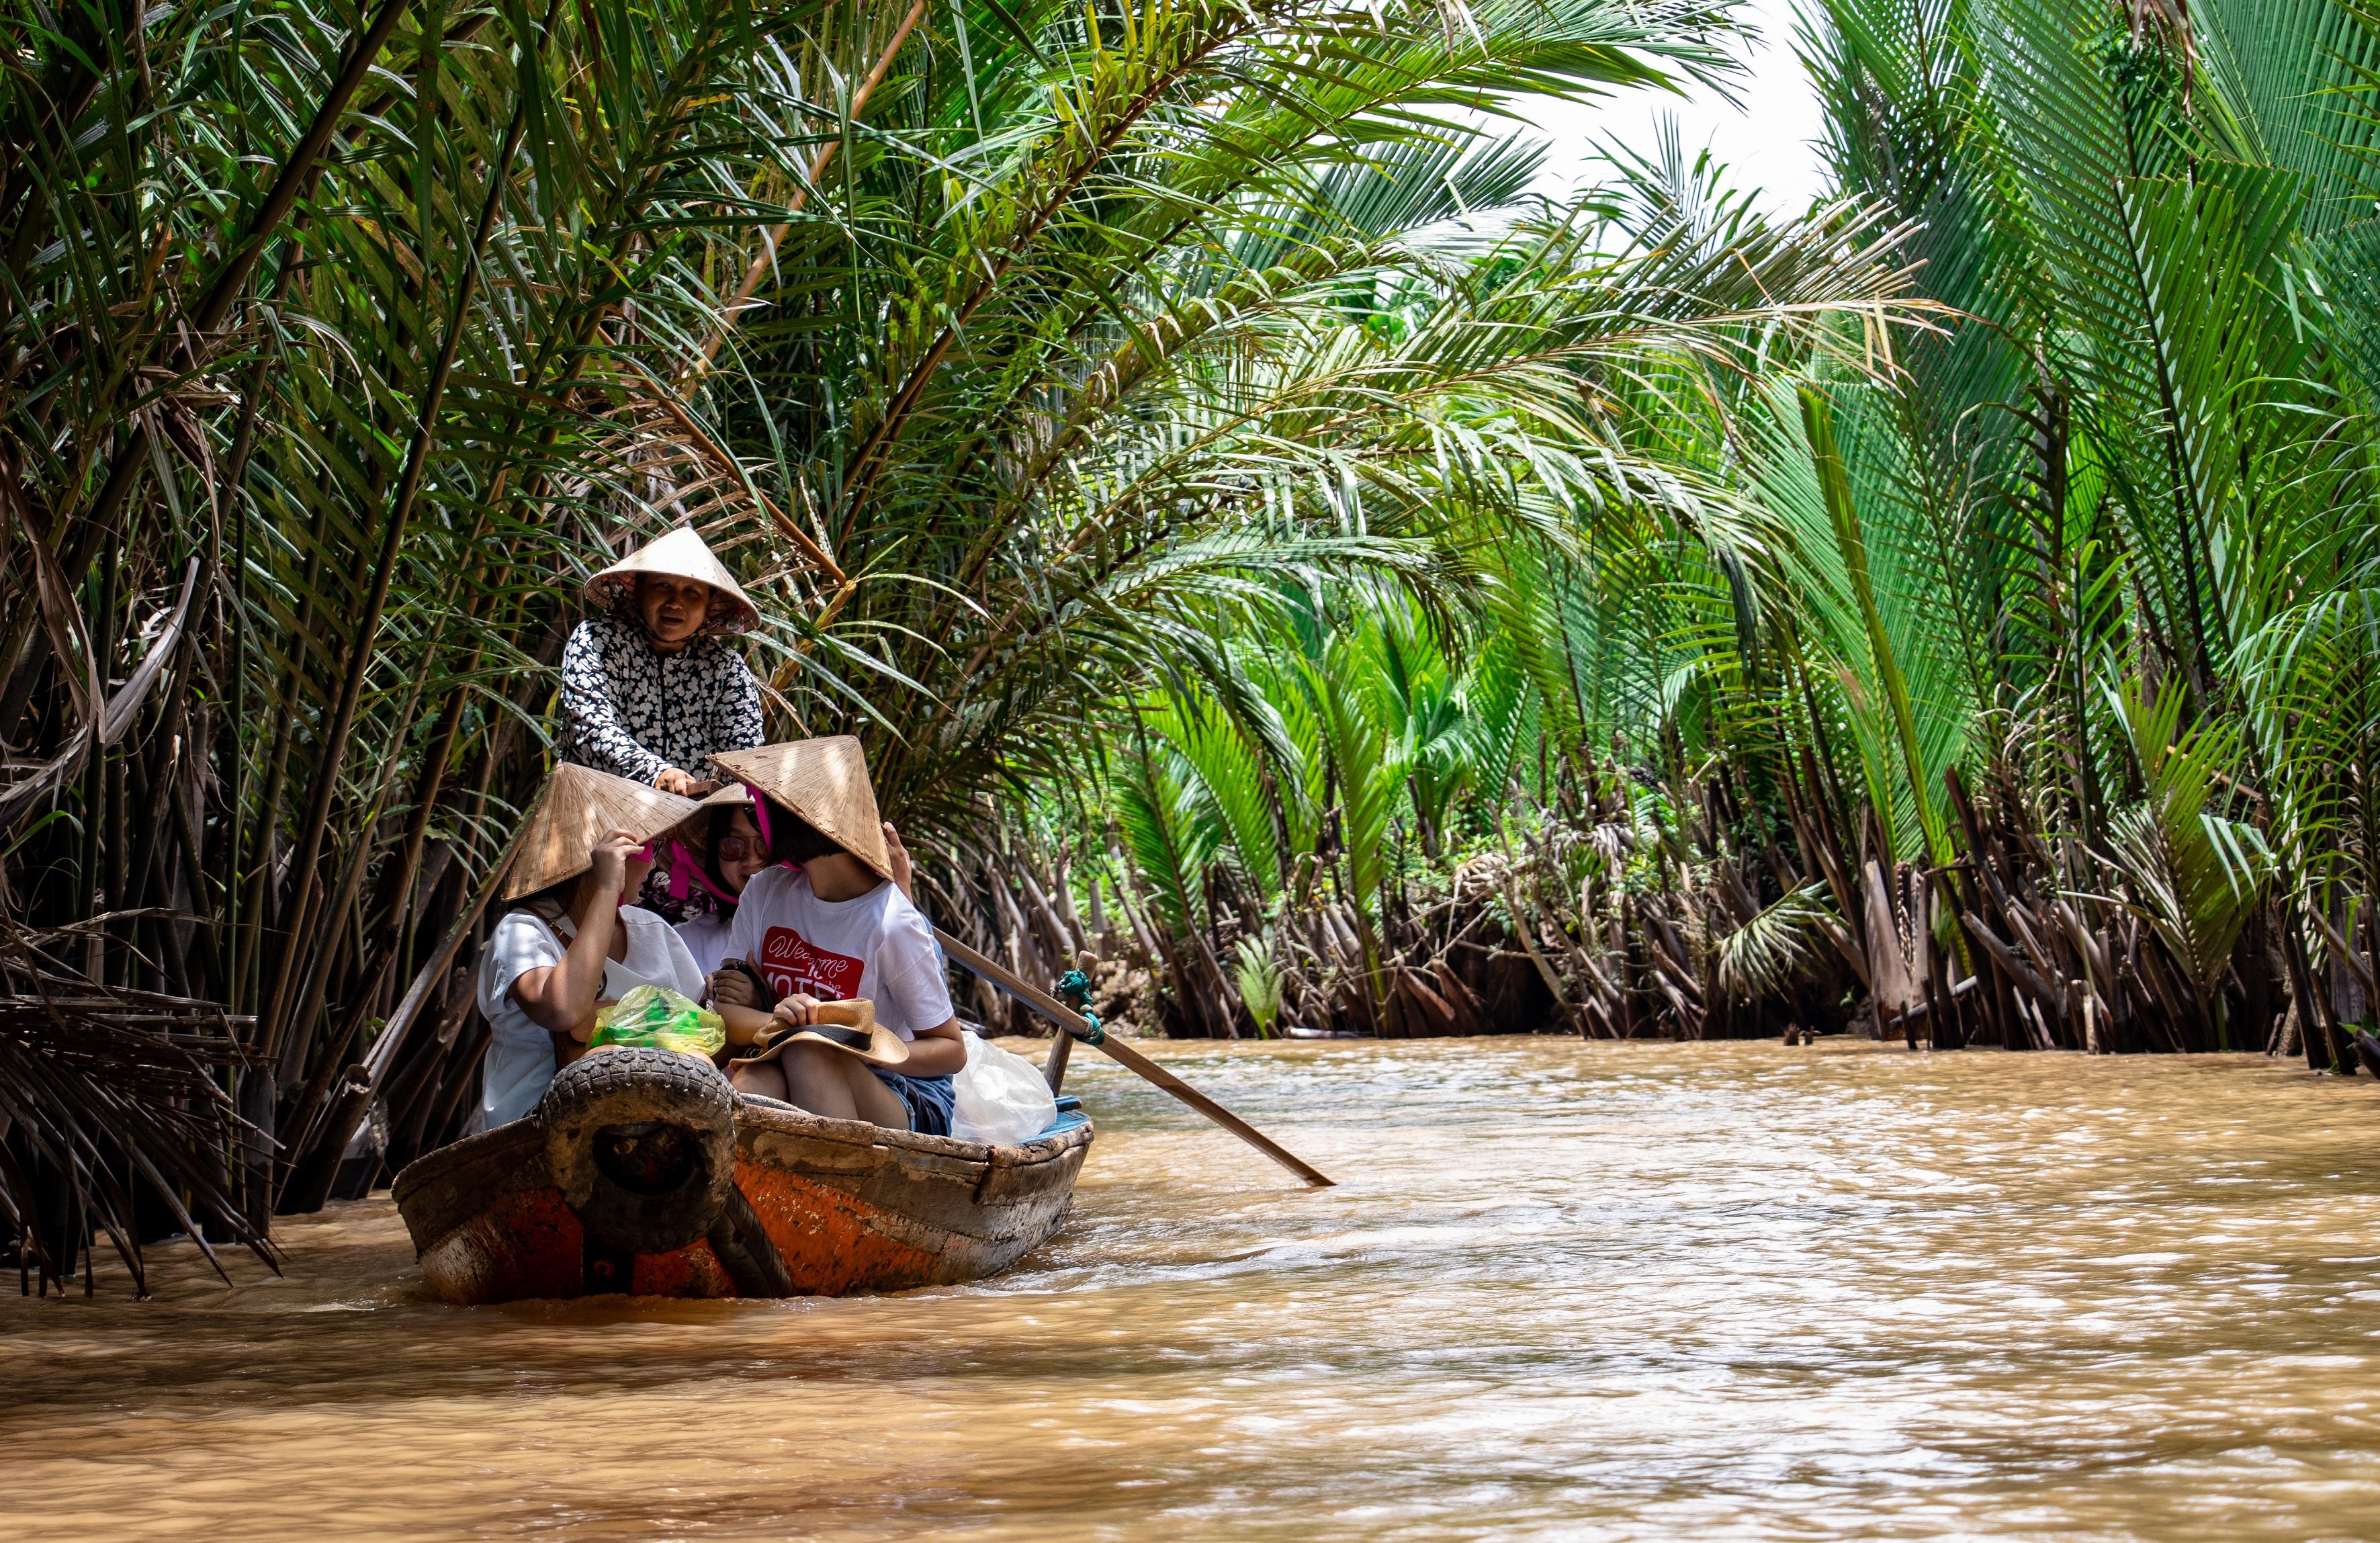 people-traveling-using-boat-1660996.jpg